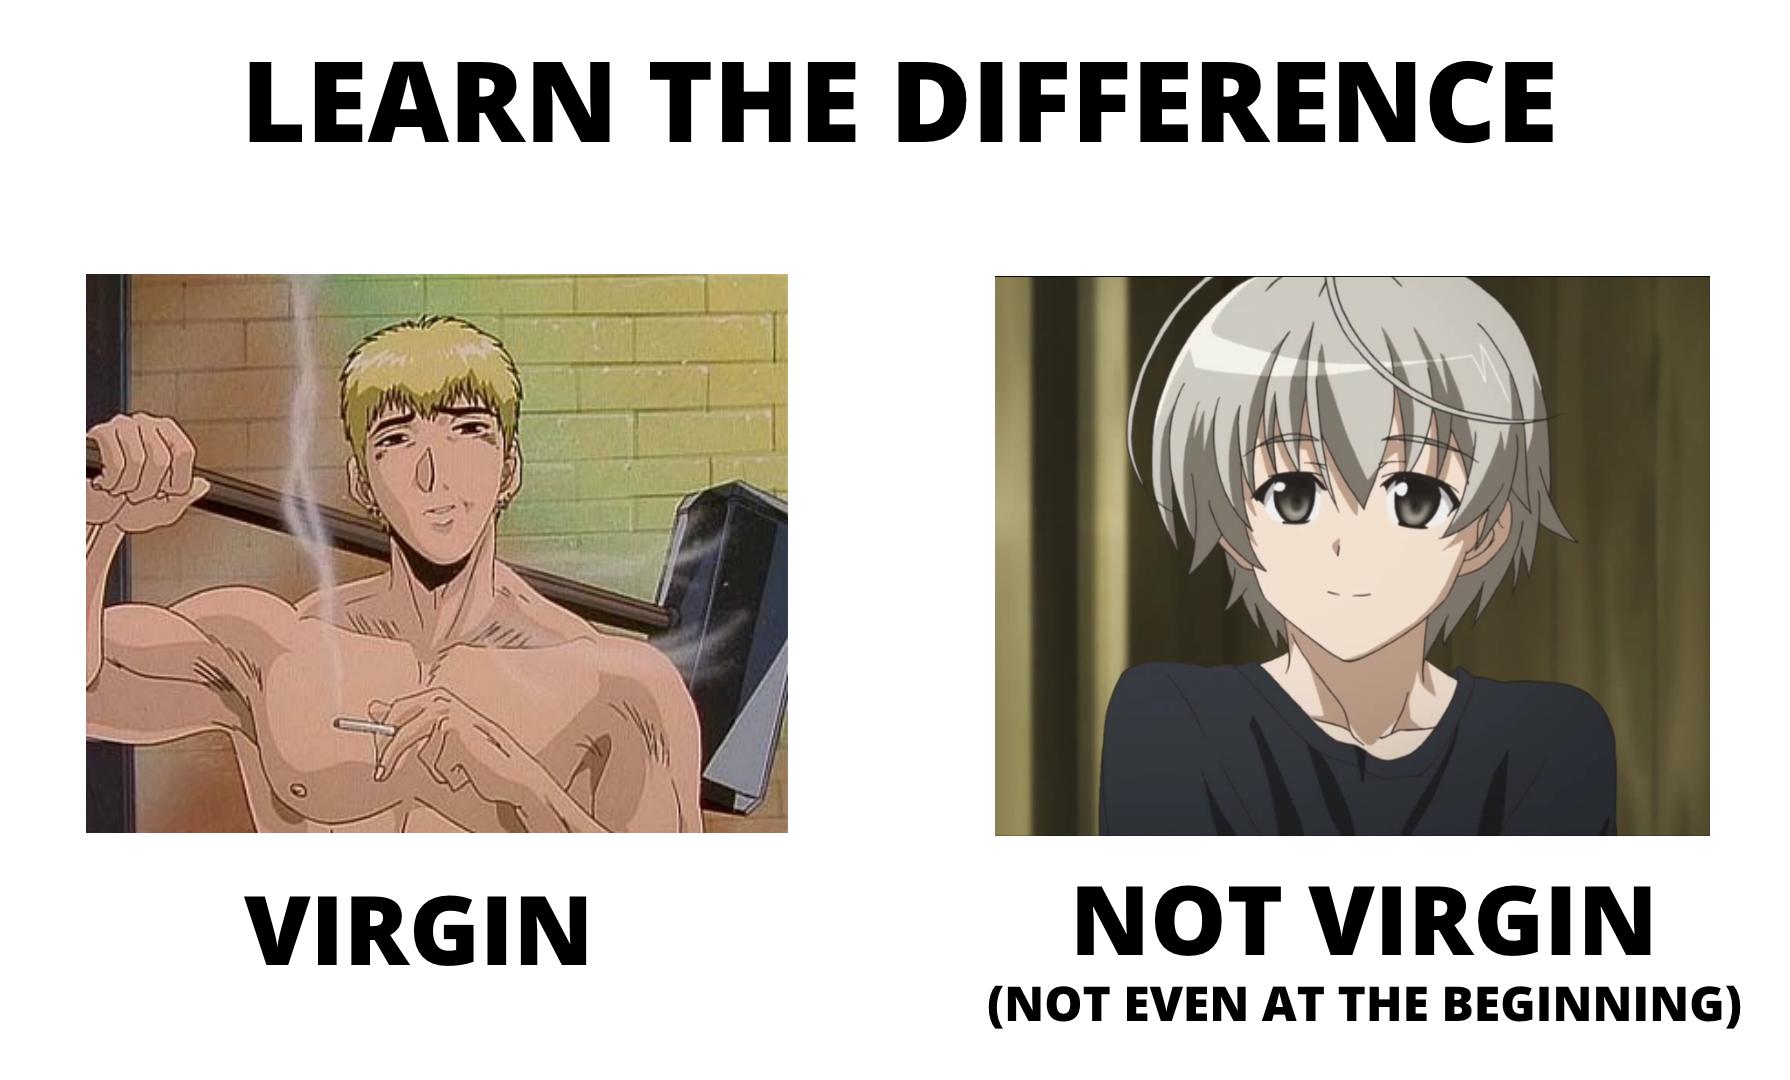 A Virgin Chad vs a Chad Virgin